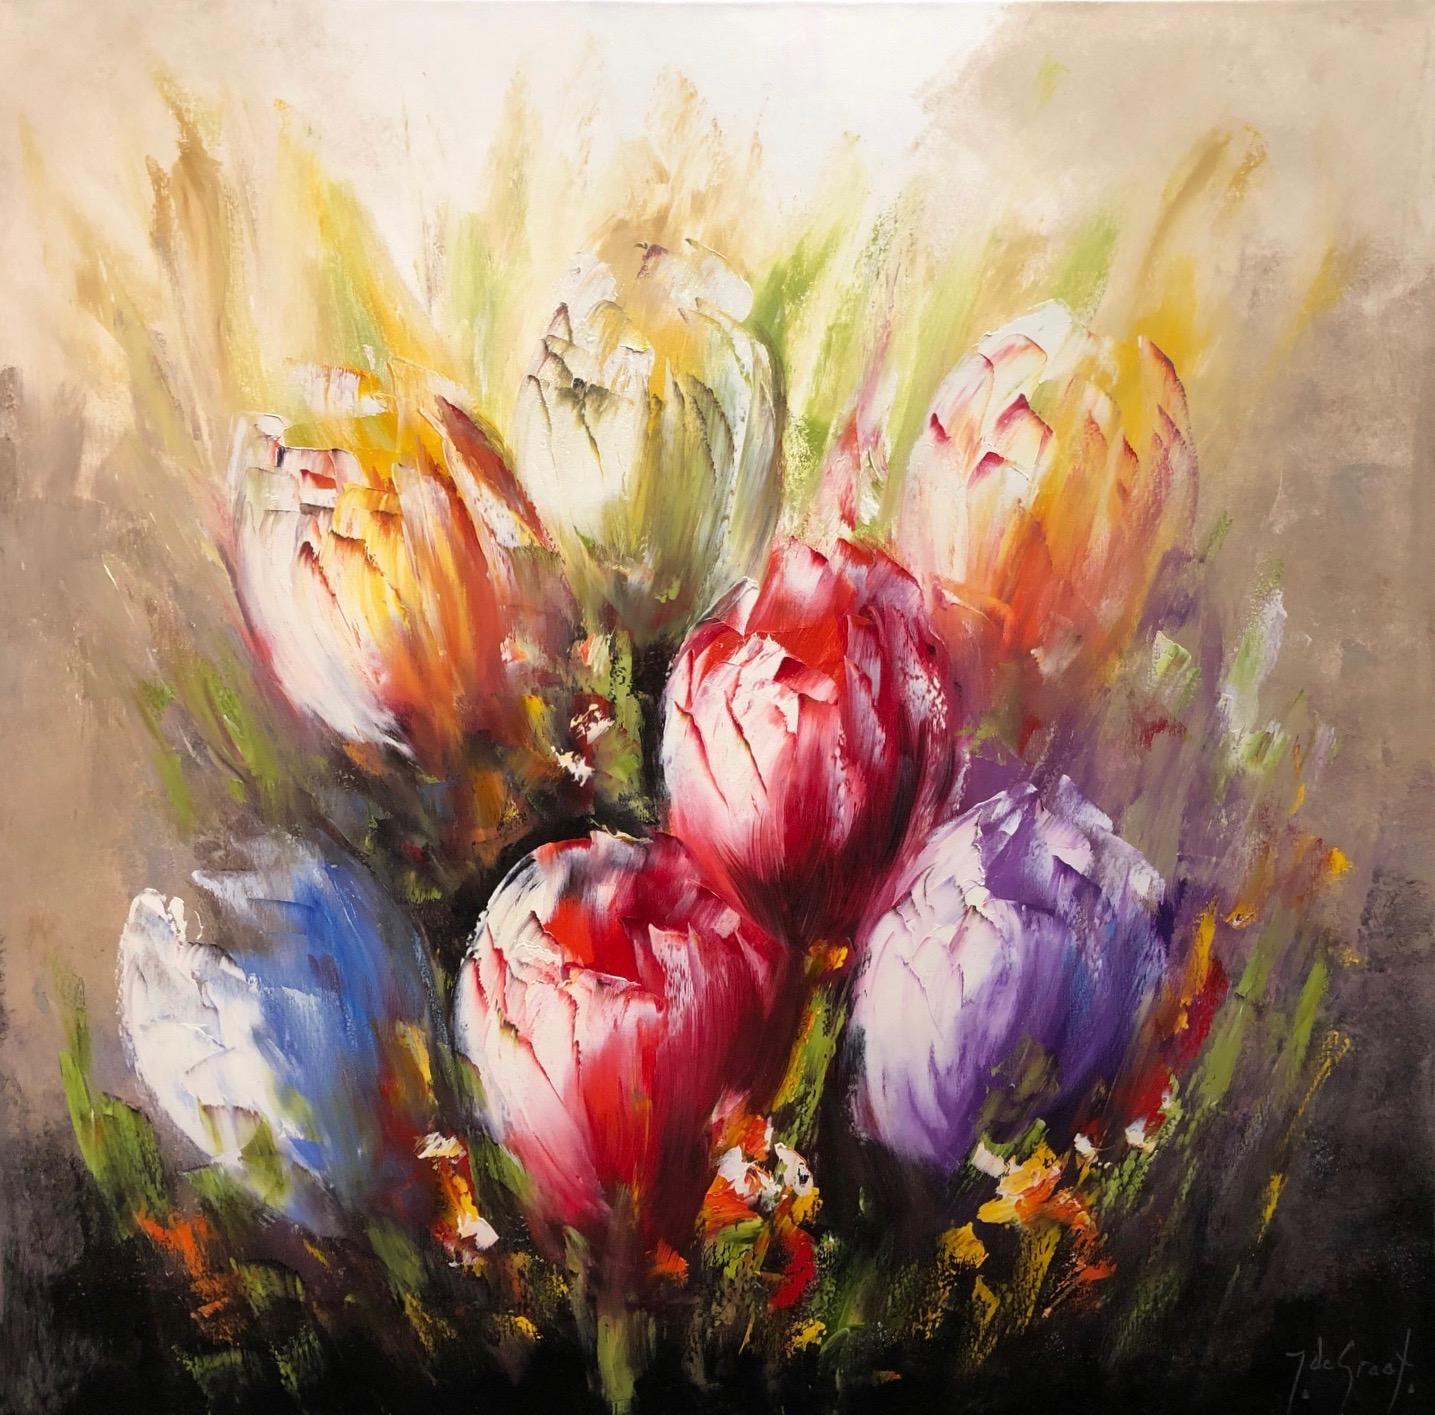 Jochem de Graaf schilderij 'Tulips II'